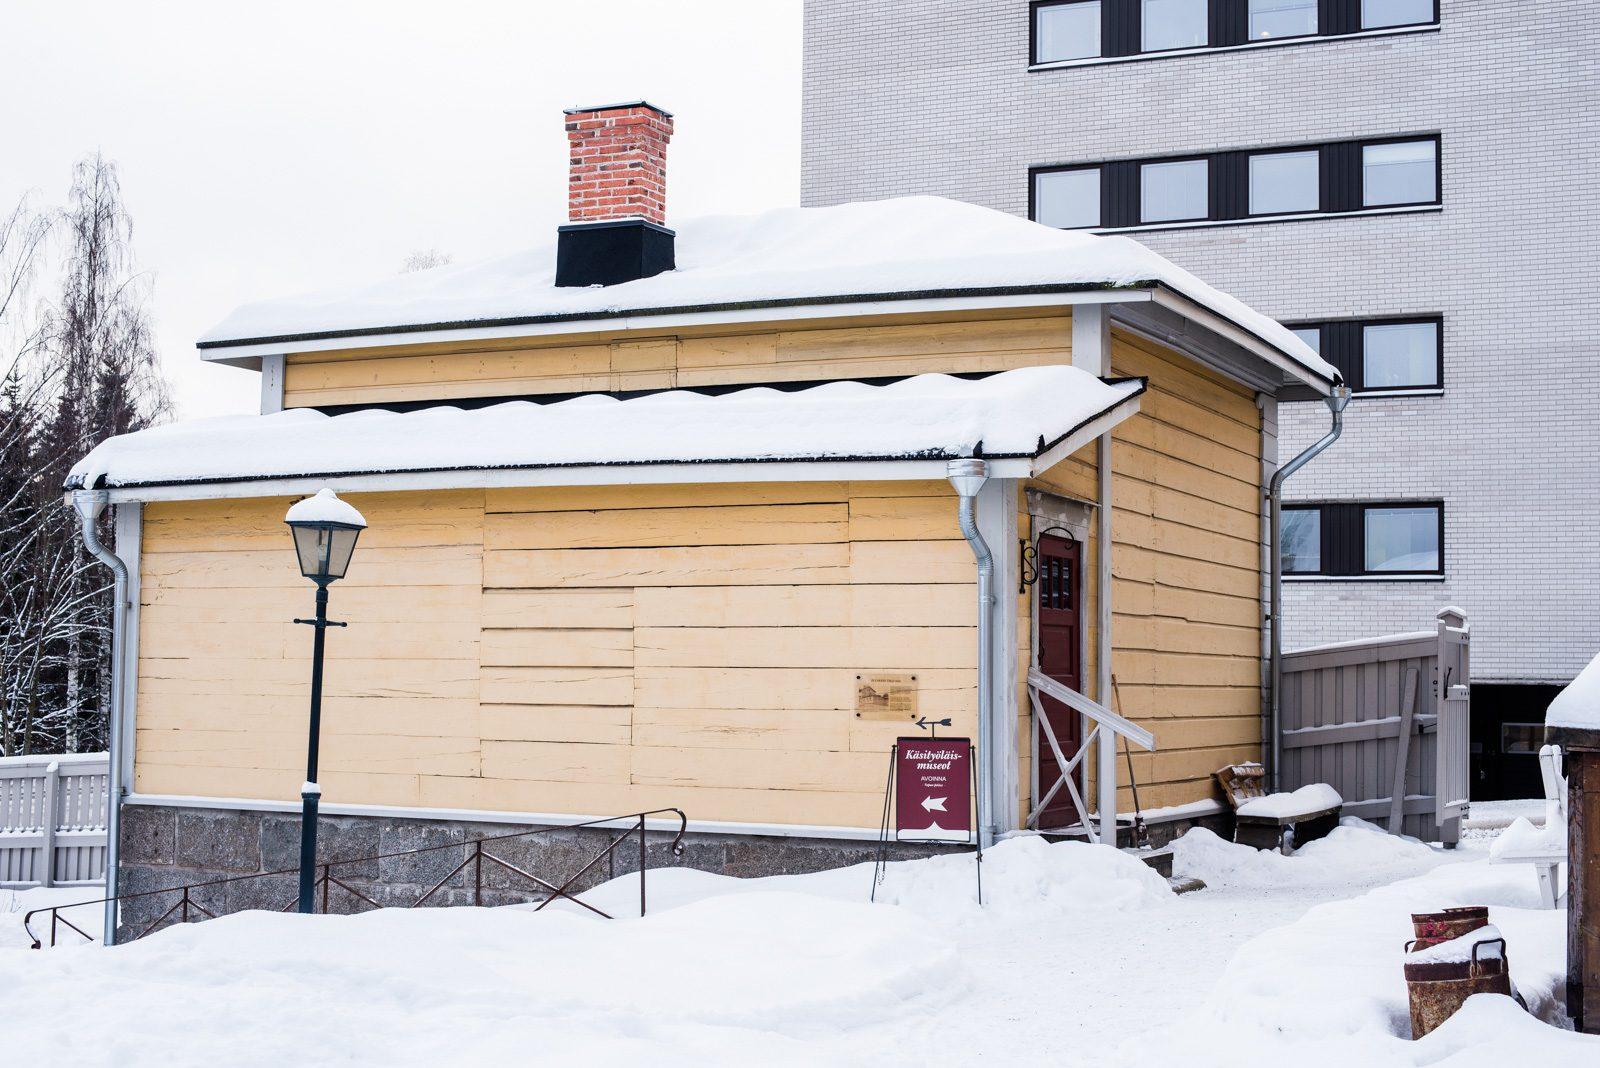 Kengitetty hirsirakennus Jyväskylässä